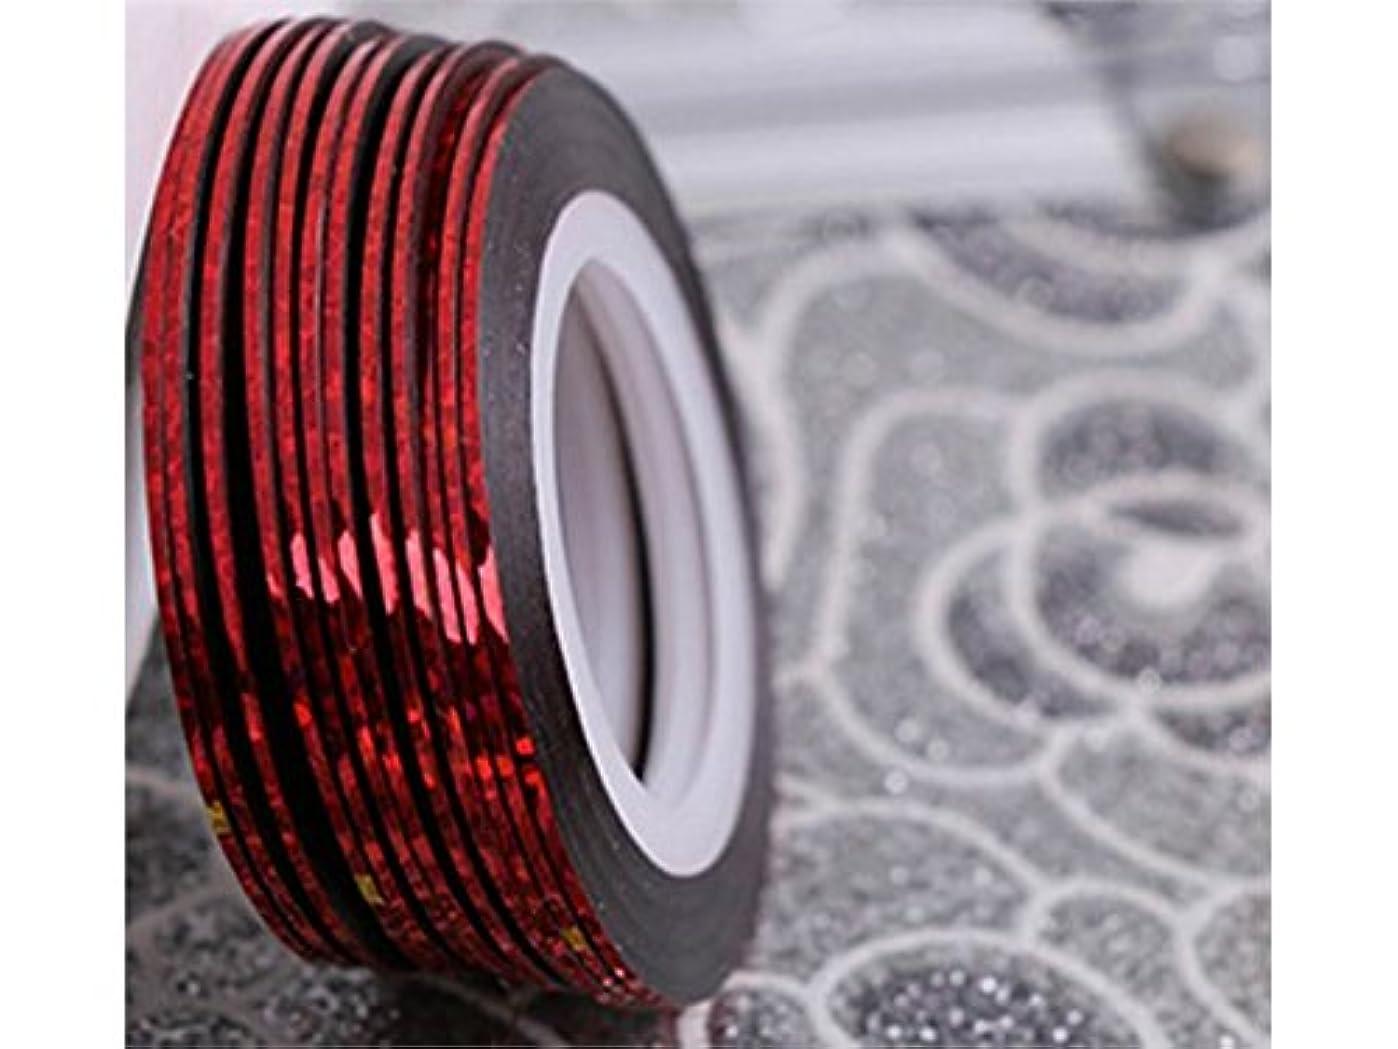 禁止する溶接活性化Osize ネイルアートキラキラゴールドシルバーストリップラインリボンストライプ装飾ツールネイルステッカーストライピングテープラインネイルアート装飾(赤)